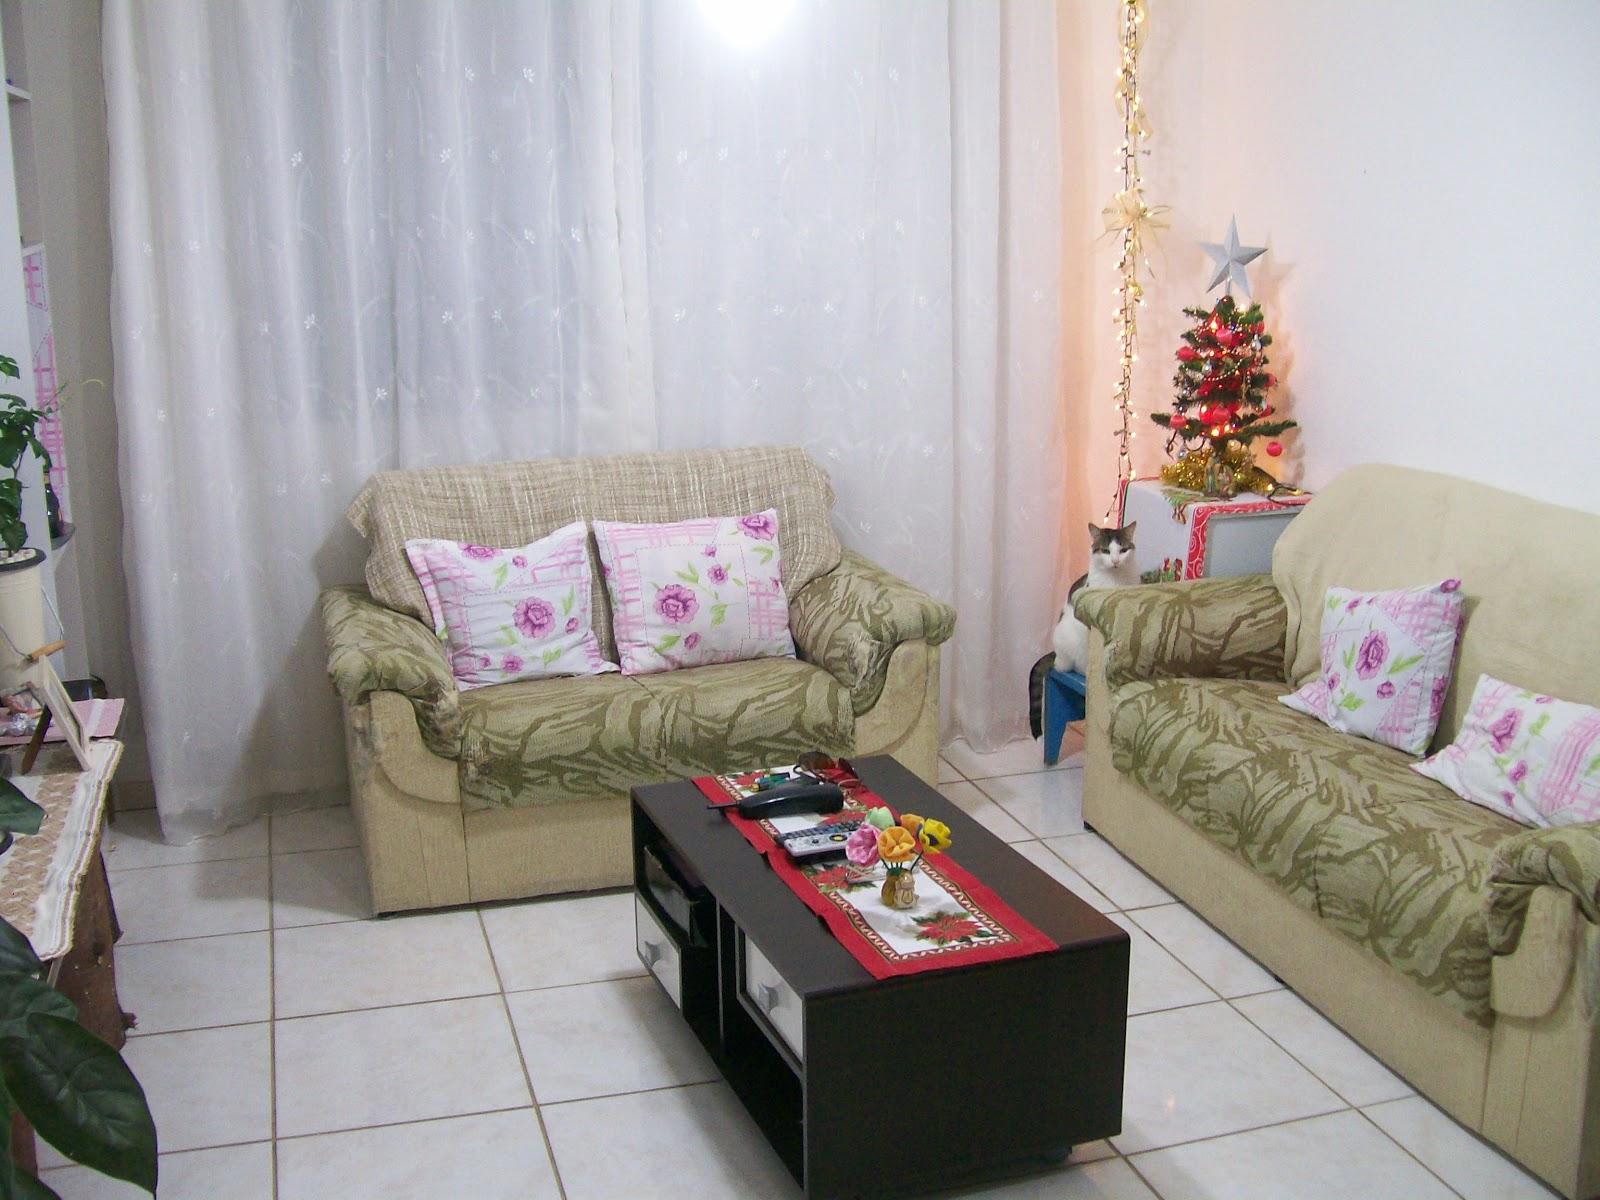 Decora O Sala Sof Novo Parte 1 -> Decoracao De Sala De Estar Pequena Com Sofa De Canto